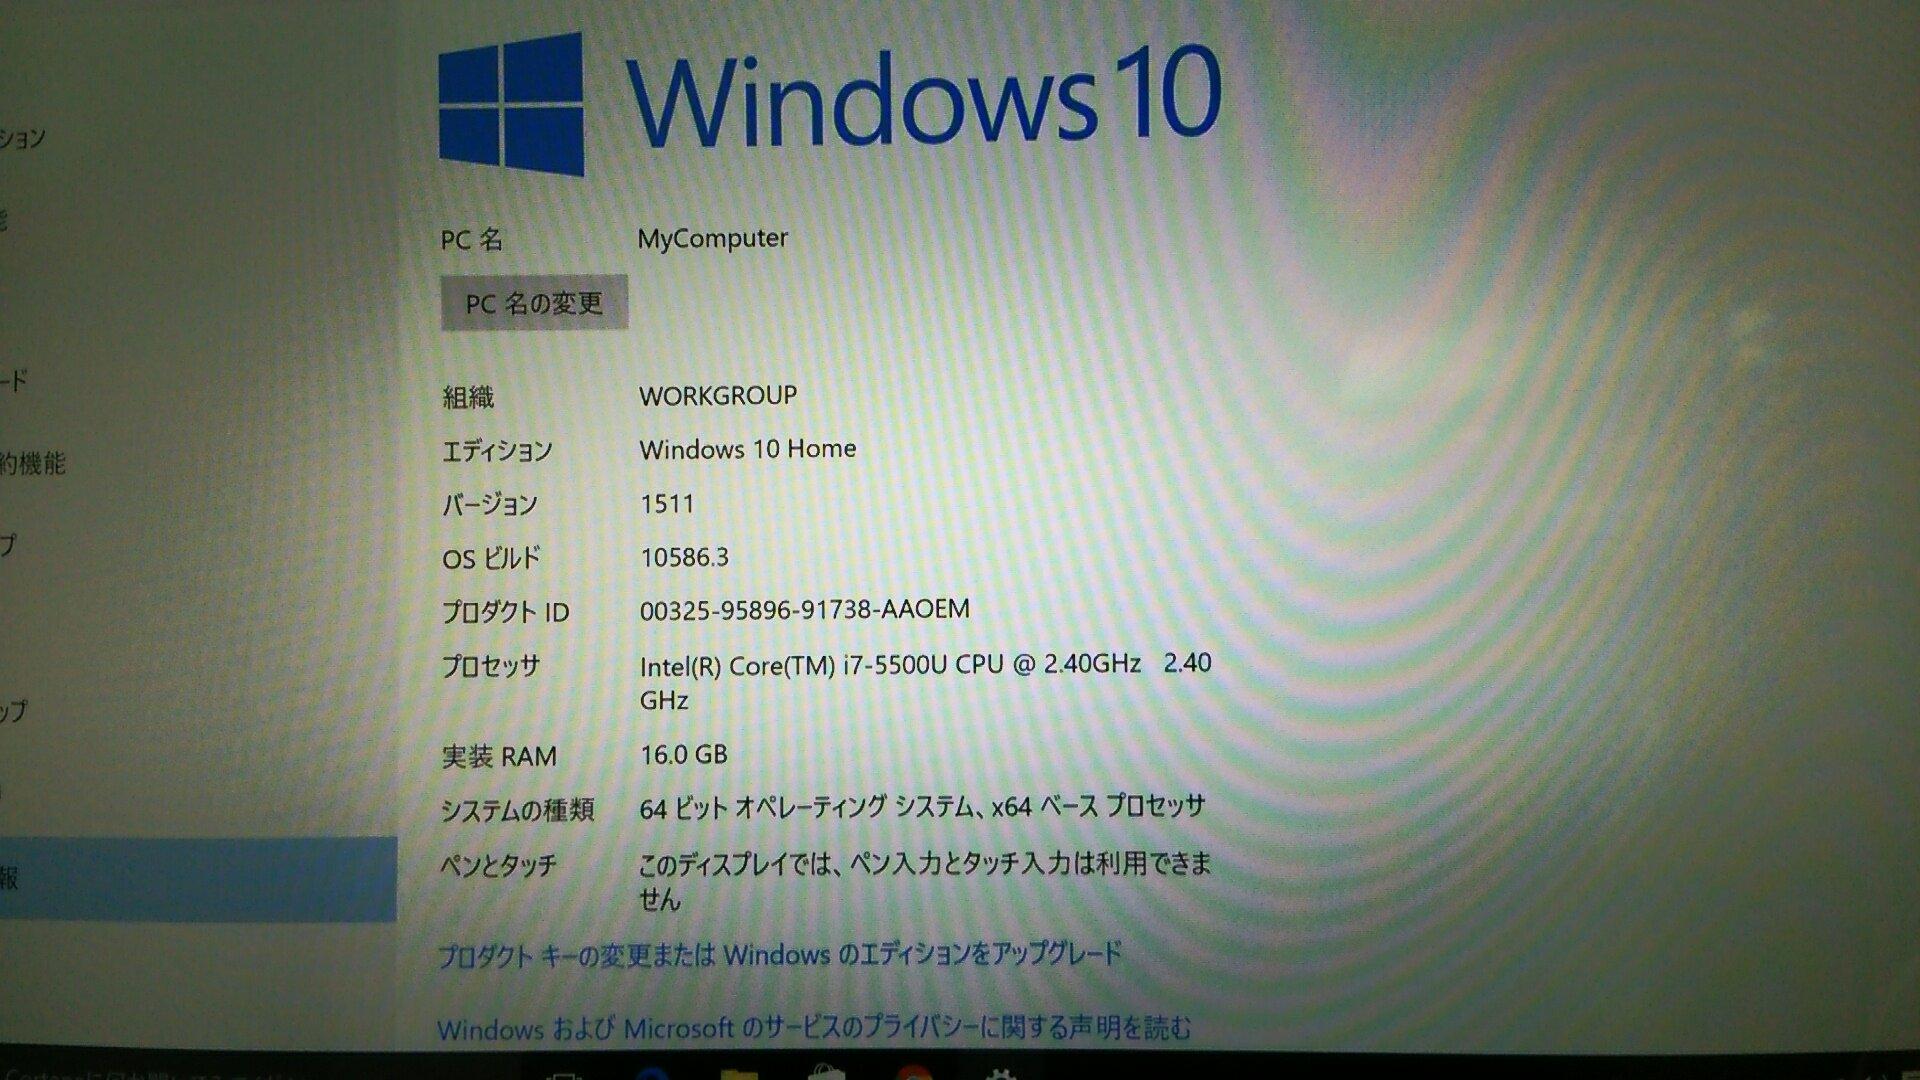 マウスコンピューターLuvBook J コンピュータのプロパティを表示させた状態